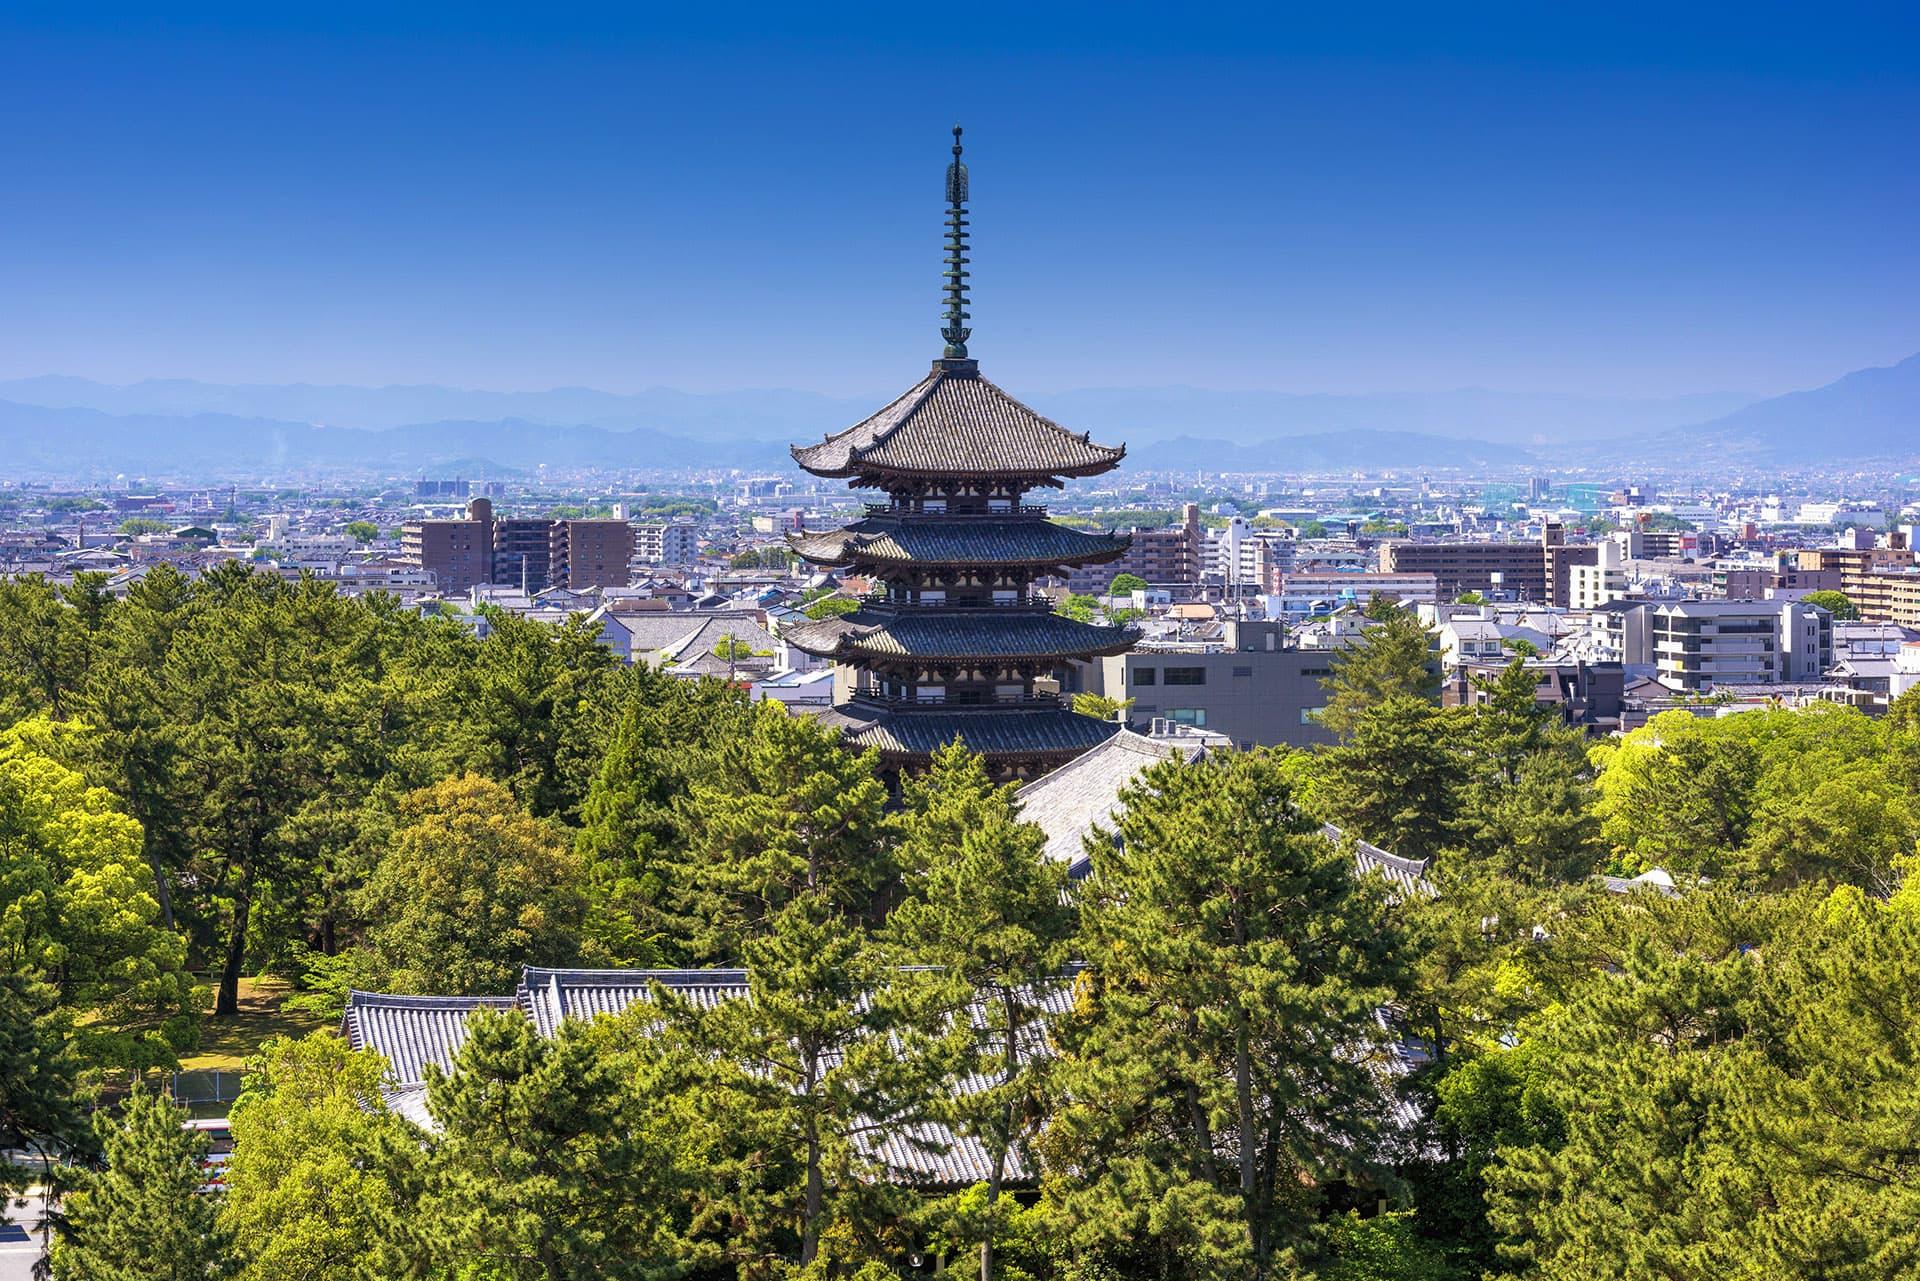 Näkymä Naran kaupunkiin, keskellä Todaijin temppeli.